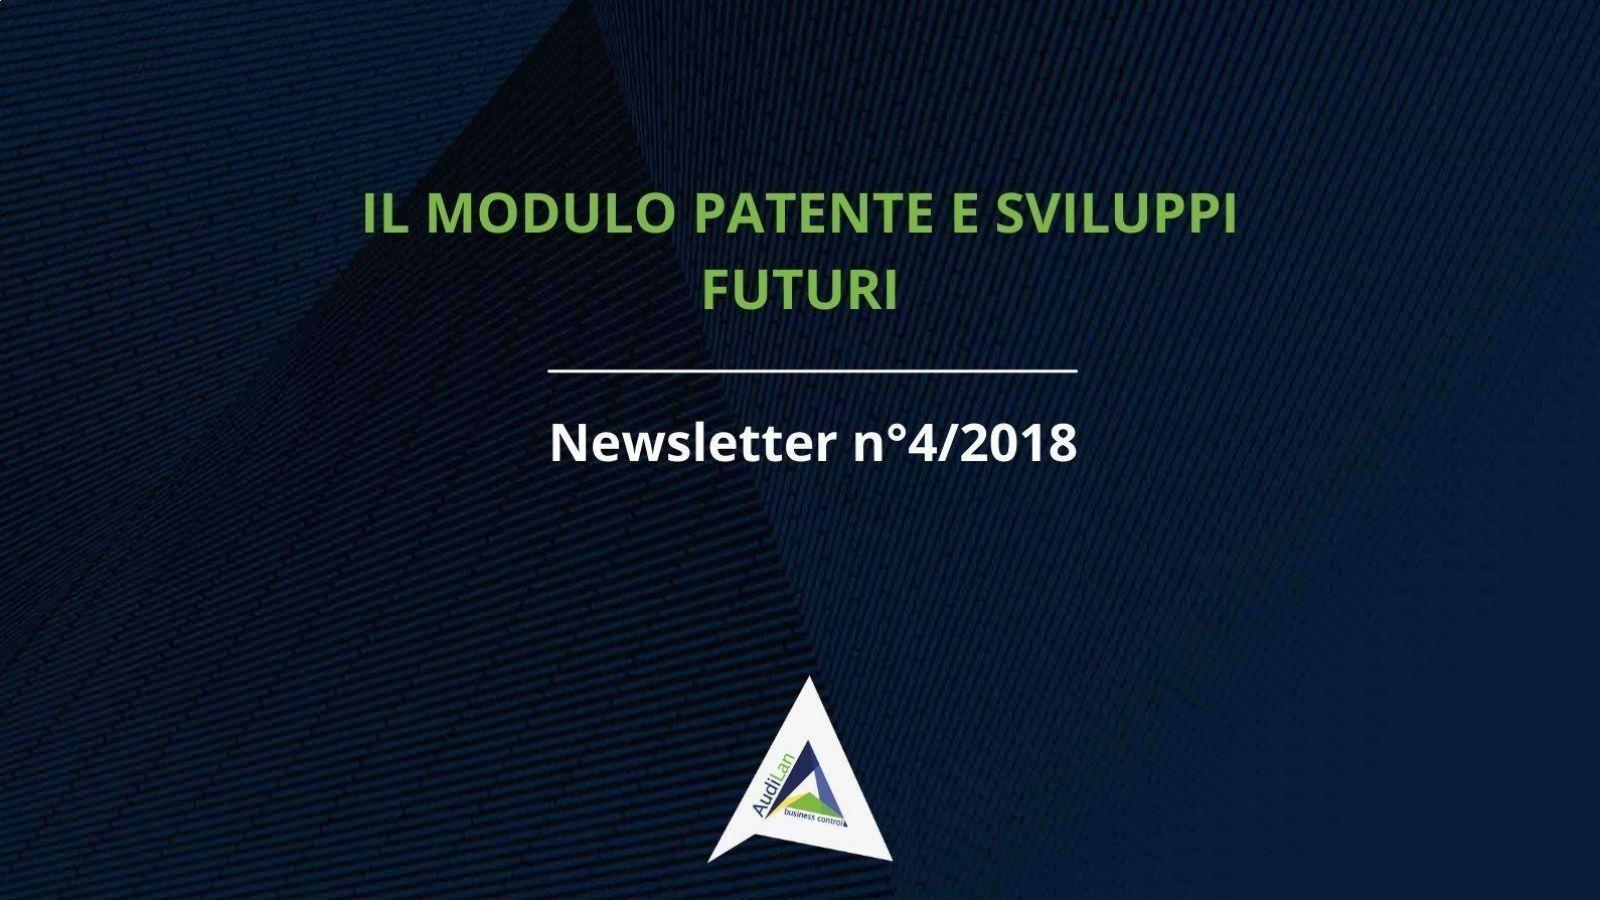 il-modulo-patente-e-sviluppi-futuri